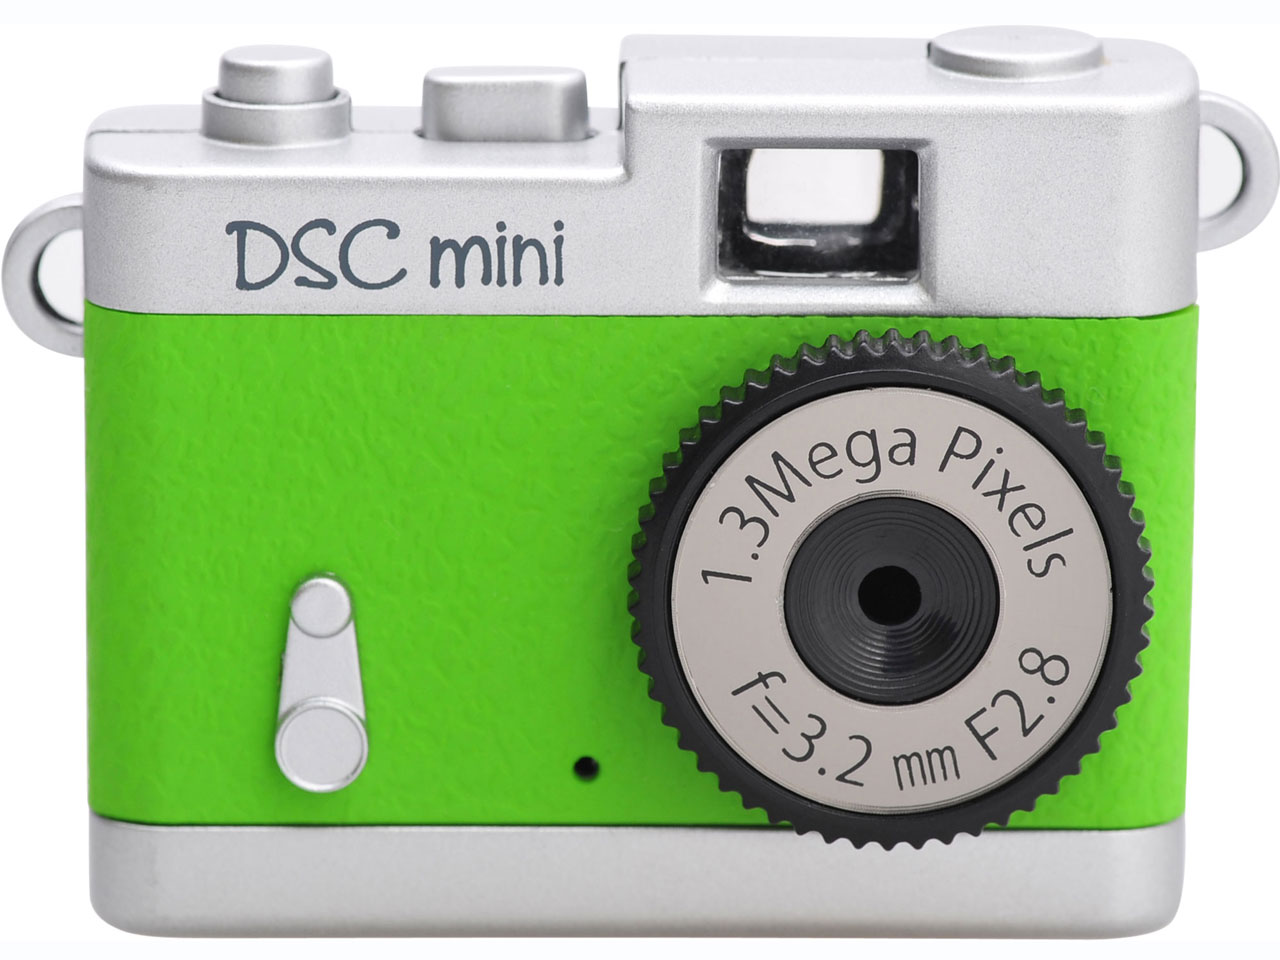 DSC-MINI GR [グリーン] の製品画像